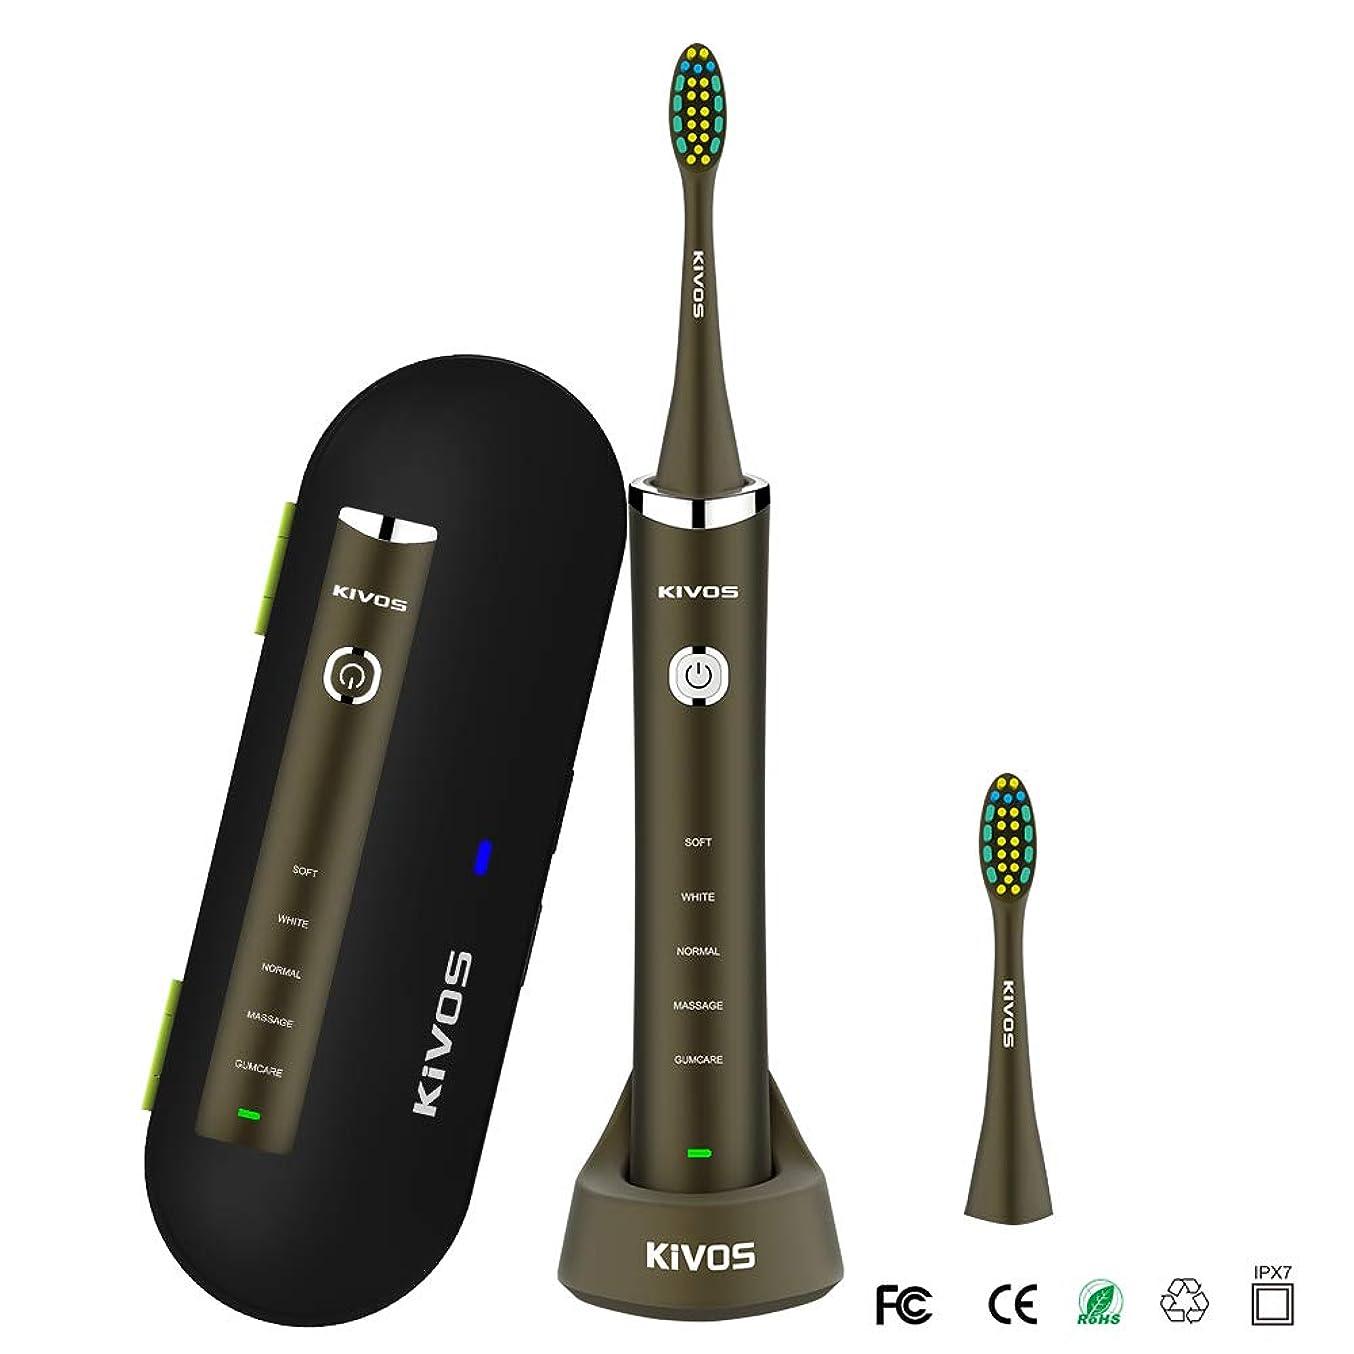 ノート蚊証言KIVOS 電動歯ブラシ音波歯ブラシ UV 除菌機能付き電動歯ぶらし歯ブラシ除菌器 歯ブラシUV紫外線除菌収納ケース歯みがき 電動はぶらし IPX7防水 旅行出張に最適